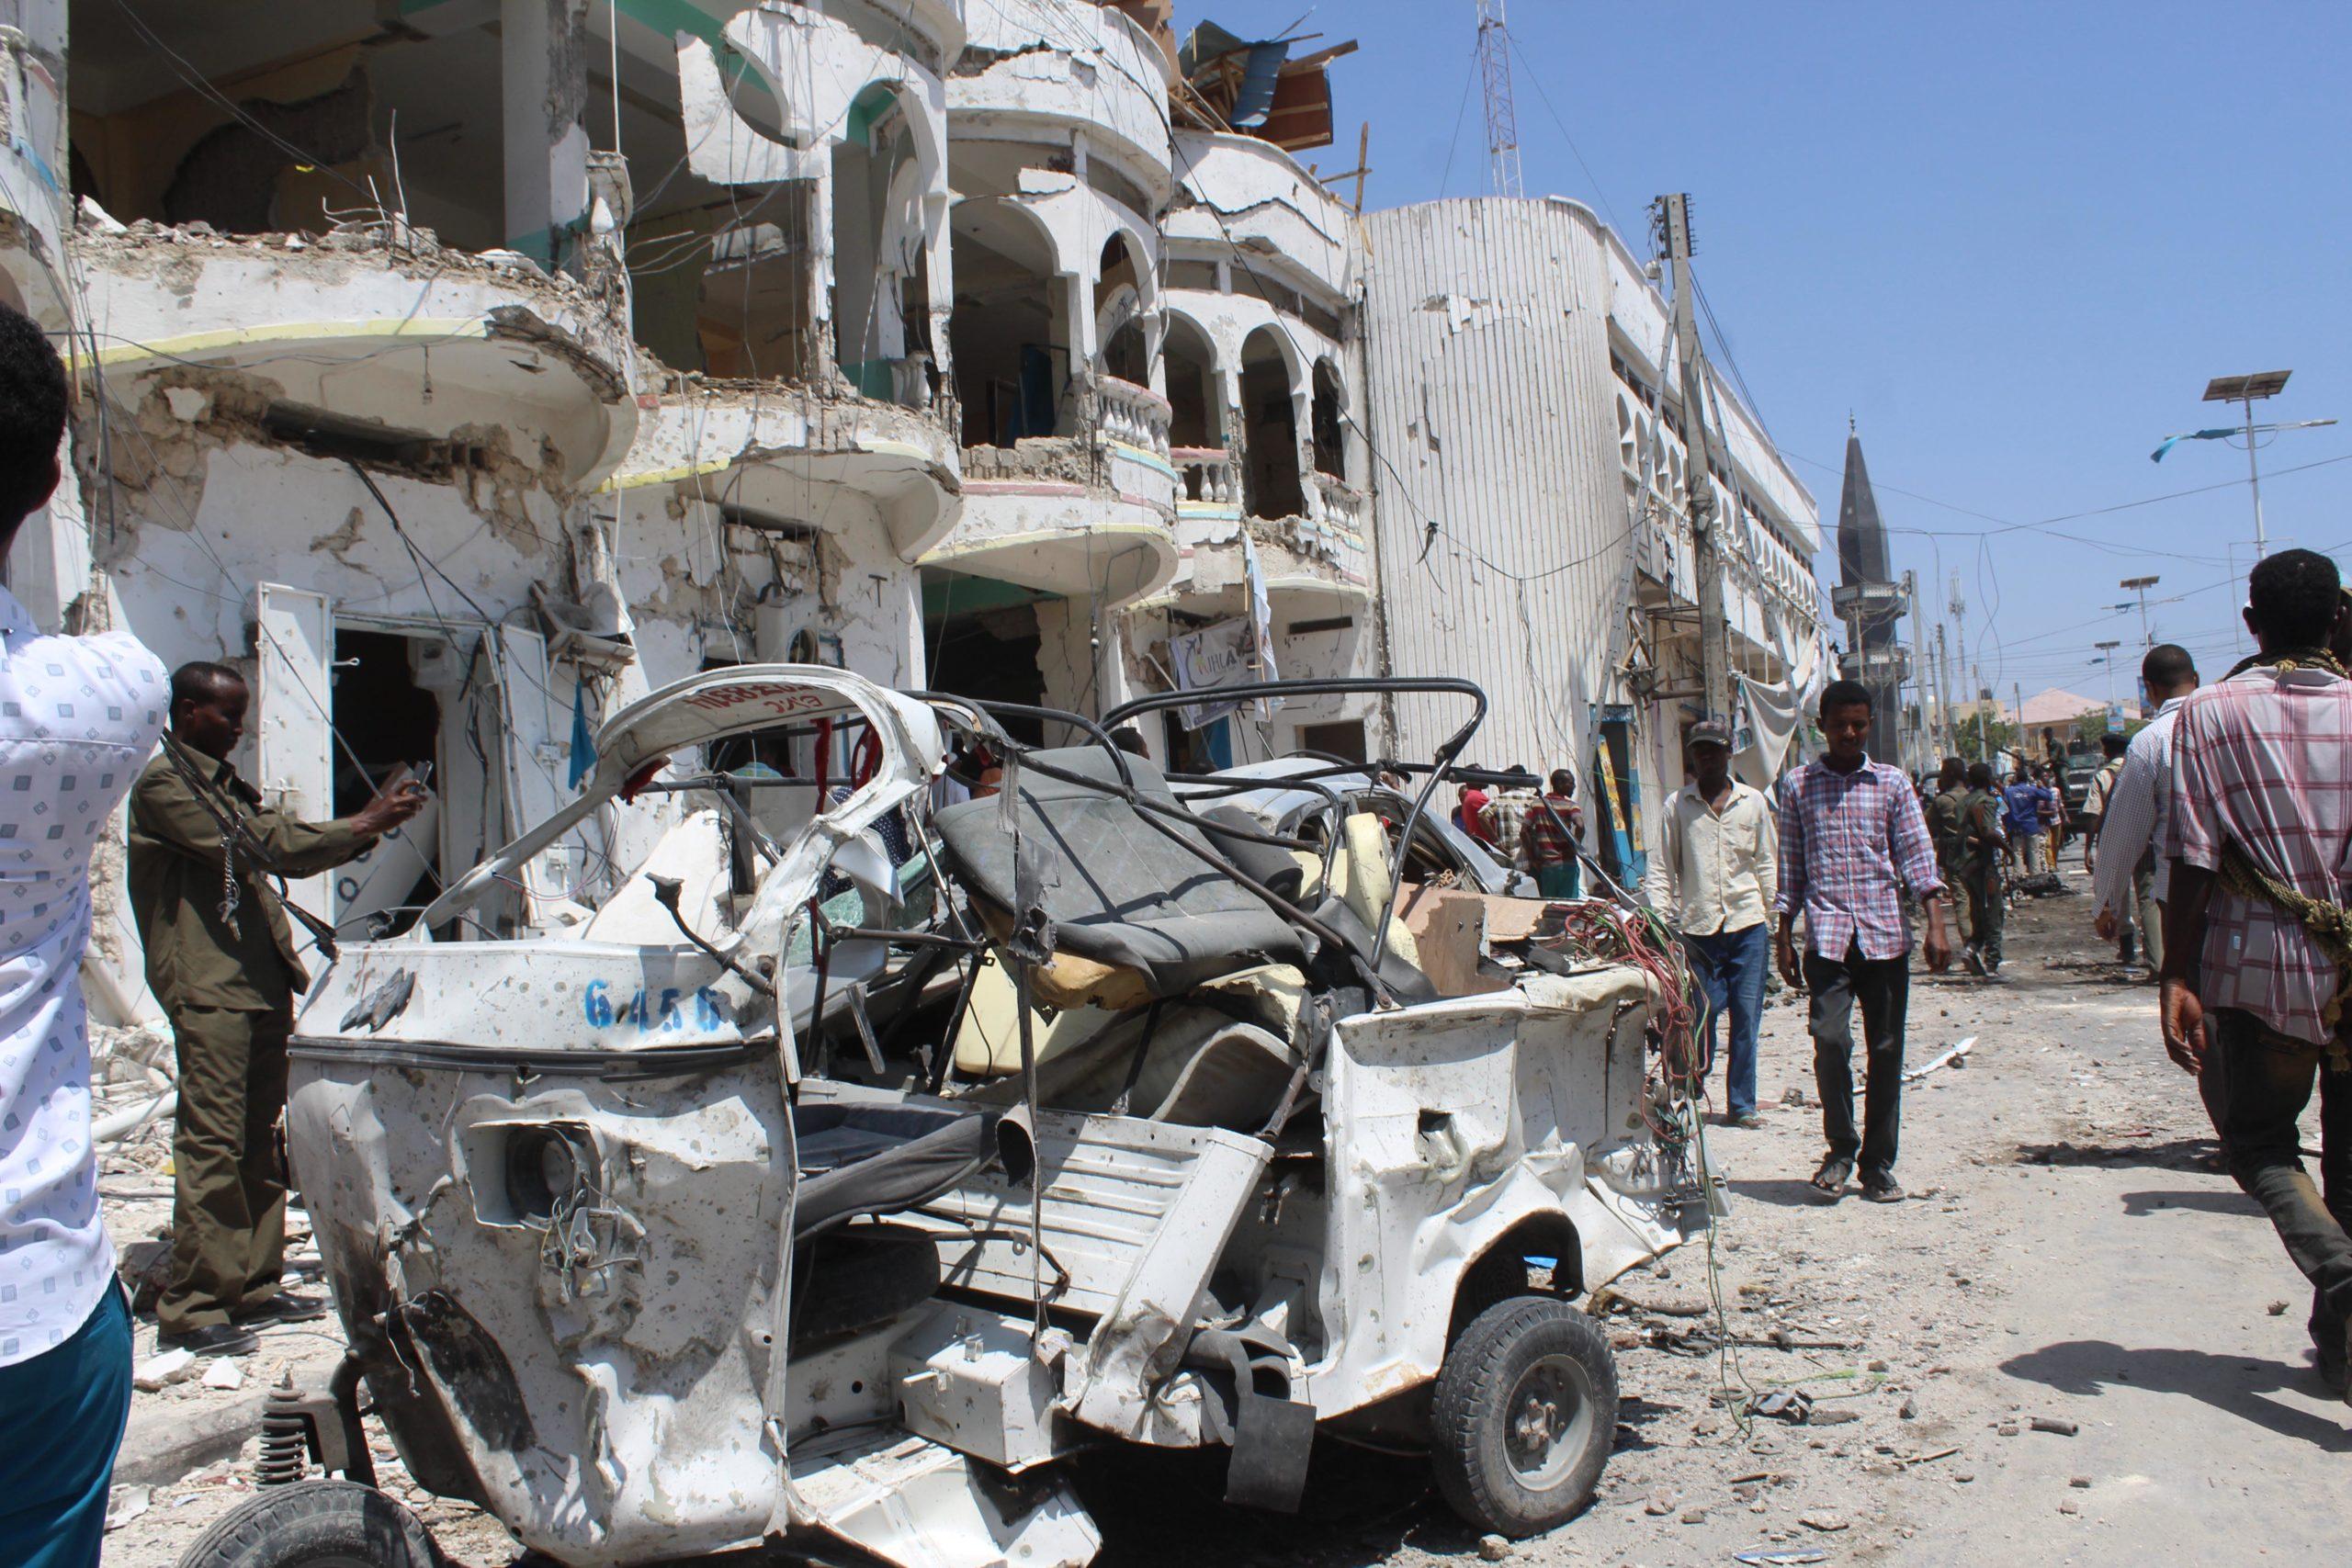 terroristi - media - al Shabaab - Silvia Romano